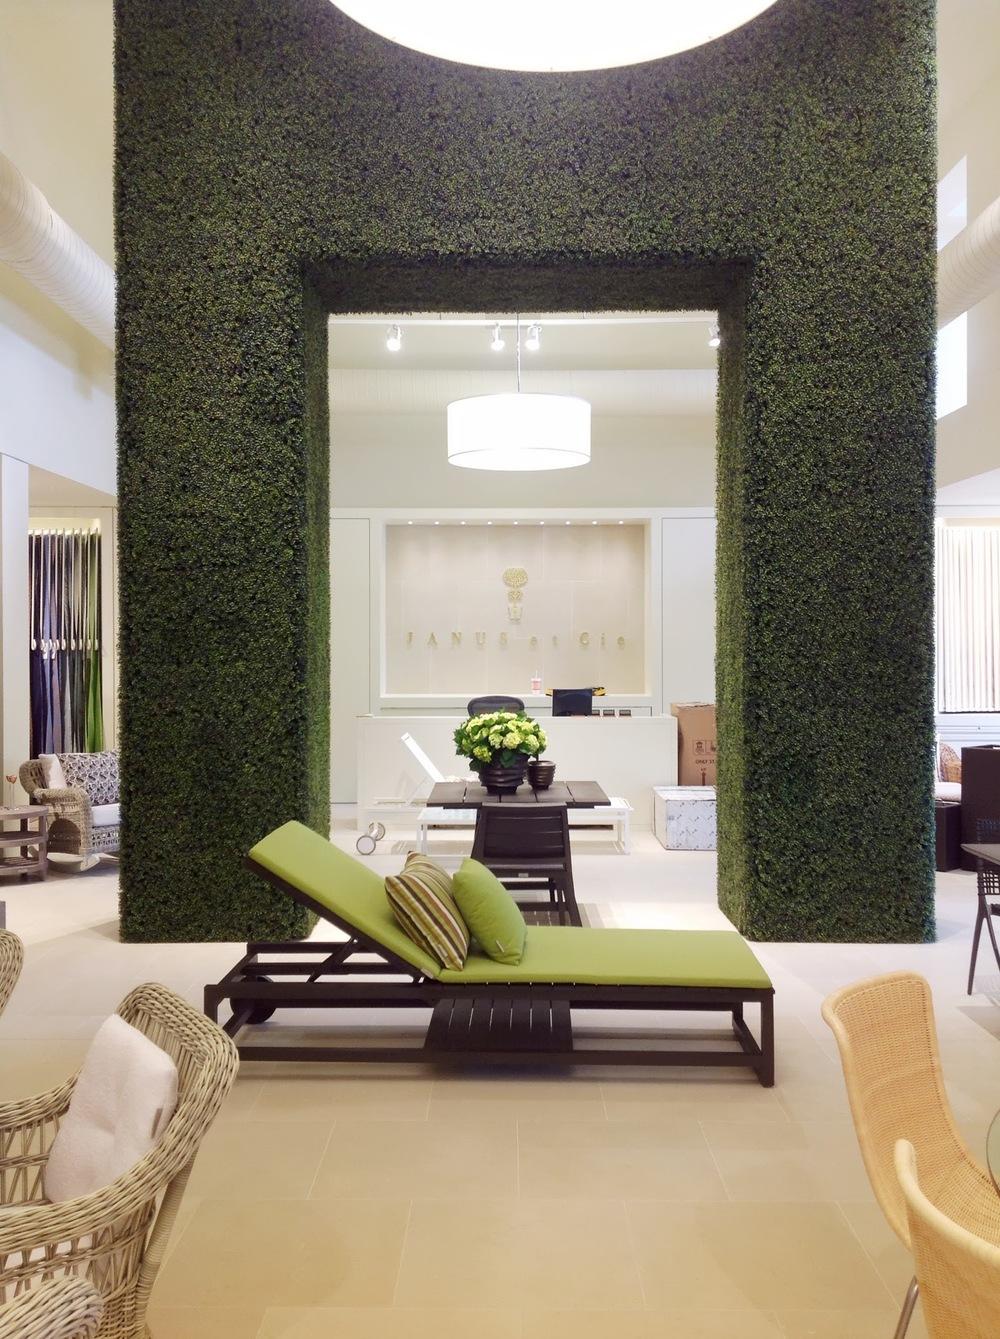 Houston, TX Event Design- JANUS et Cie- Maxit Flower Design Entryway